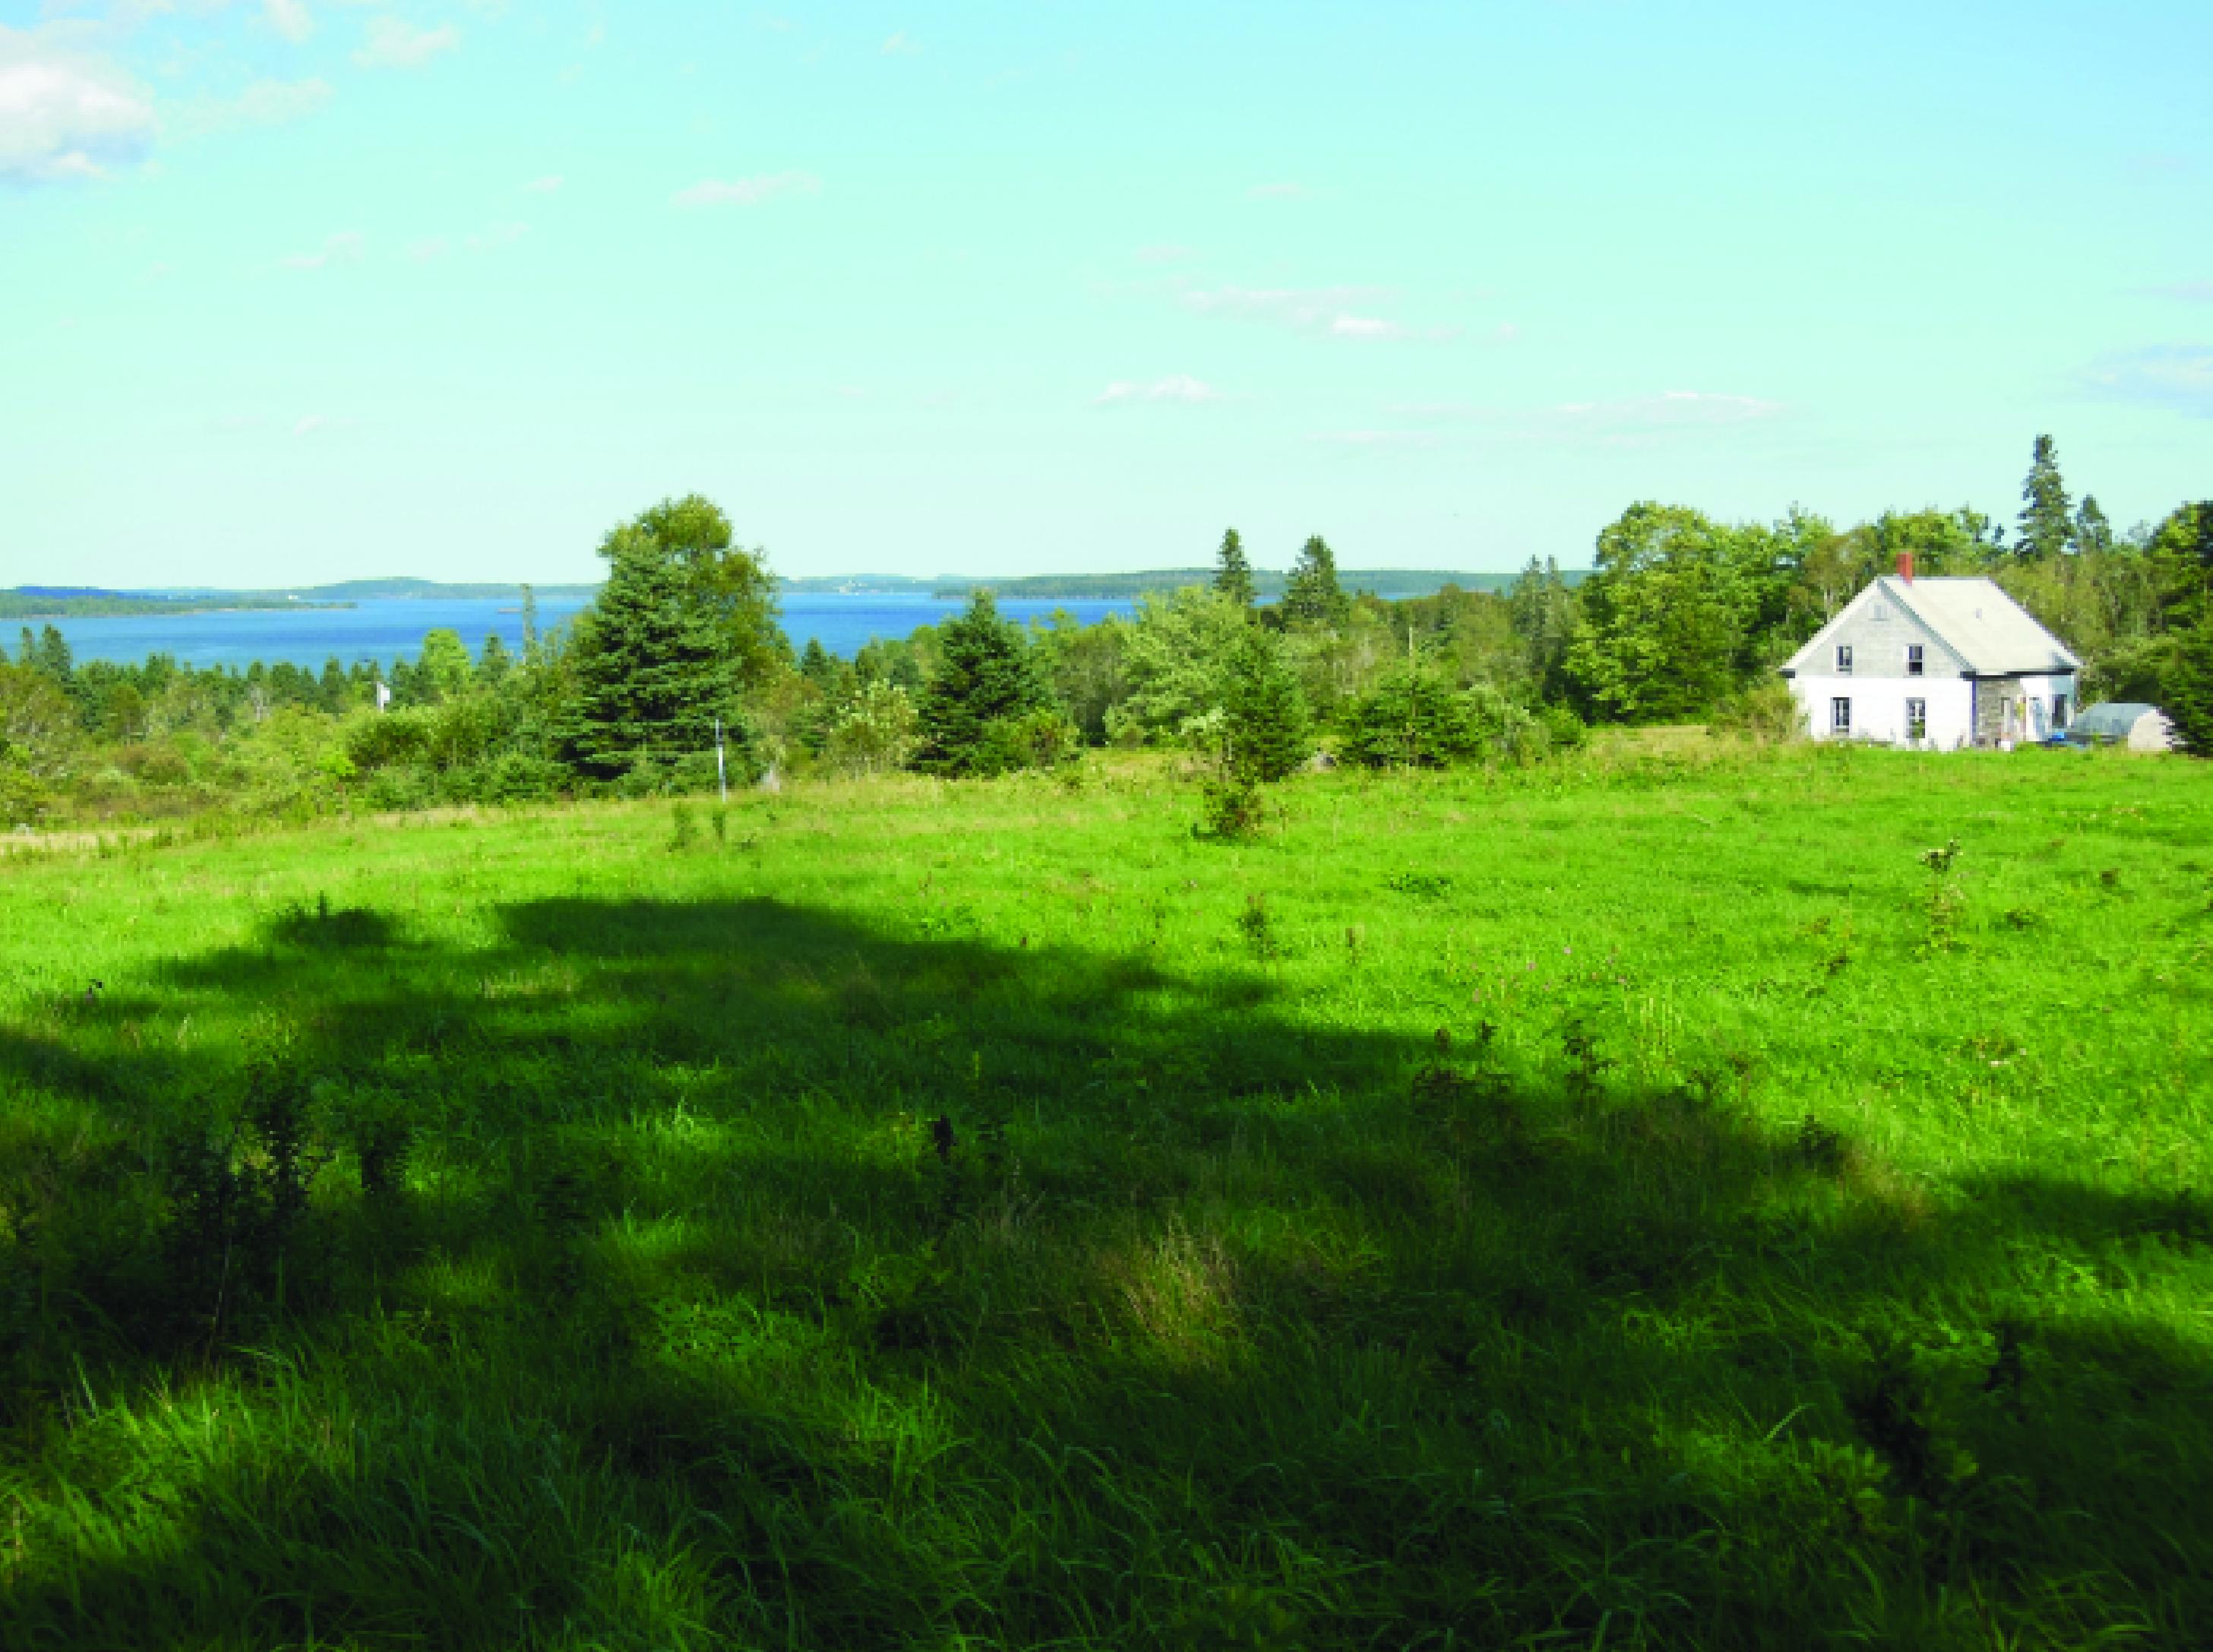 Long Cove Farm Maine Farm Link 01 Land For Good